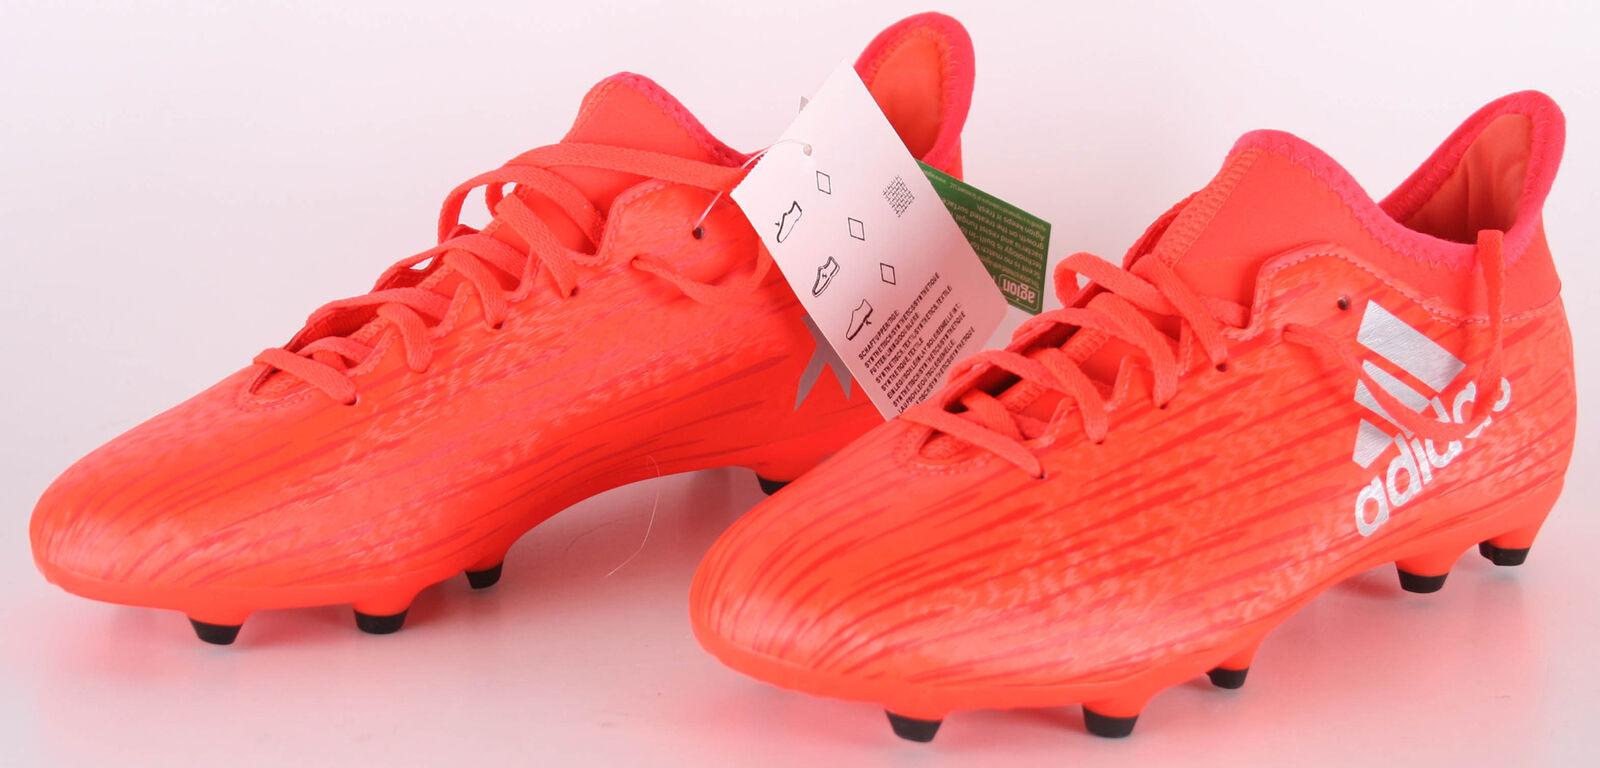 Adidas x 16.3 Fg J Scarpe da Calcio Eu 37 13 Rosso Coloreee RossoPlametRoalre